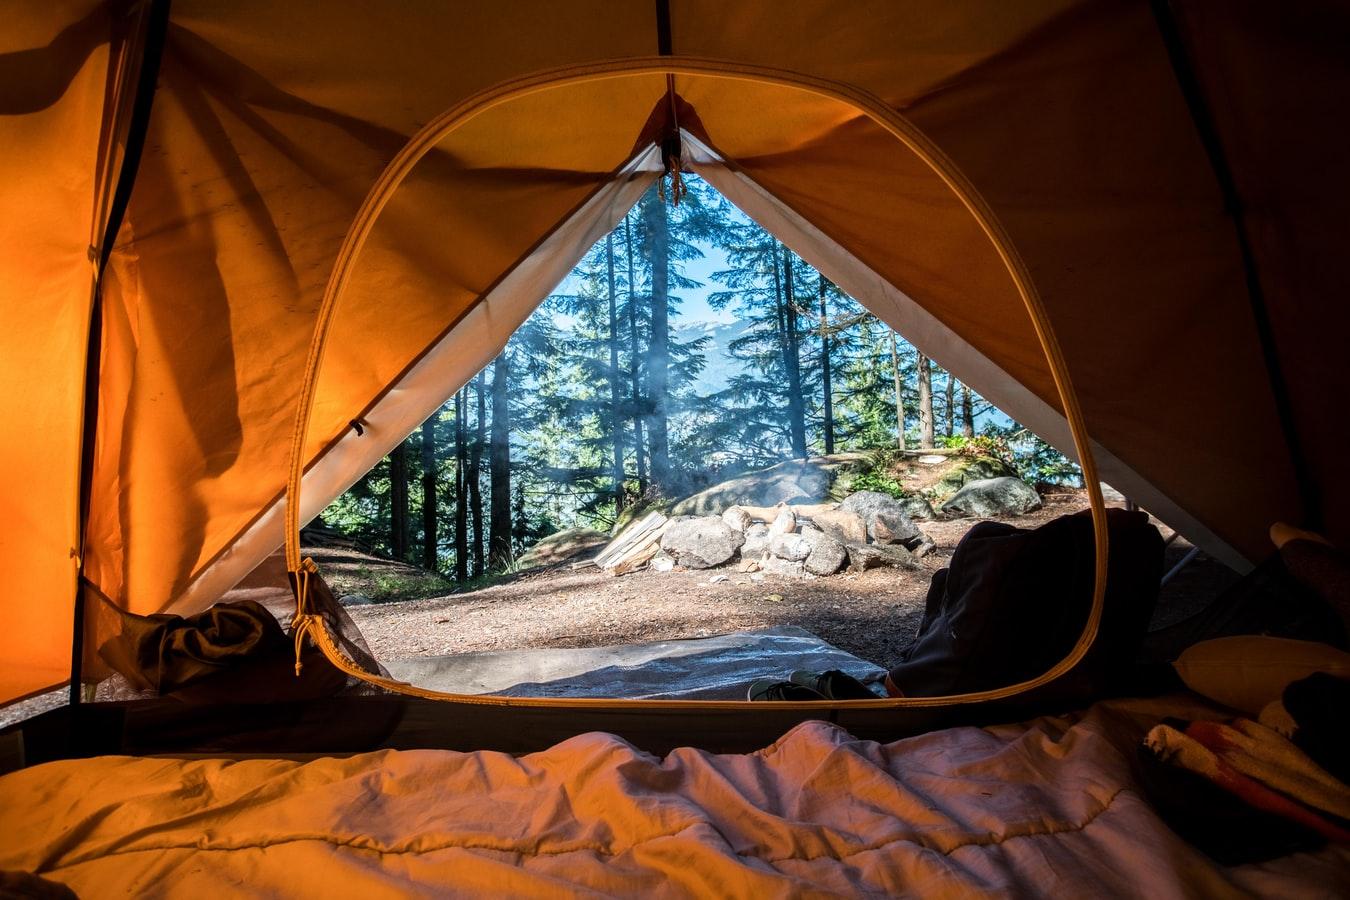 Le camping : ce qu'il faut savoir